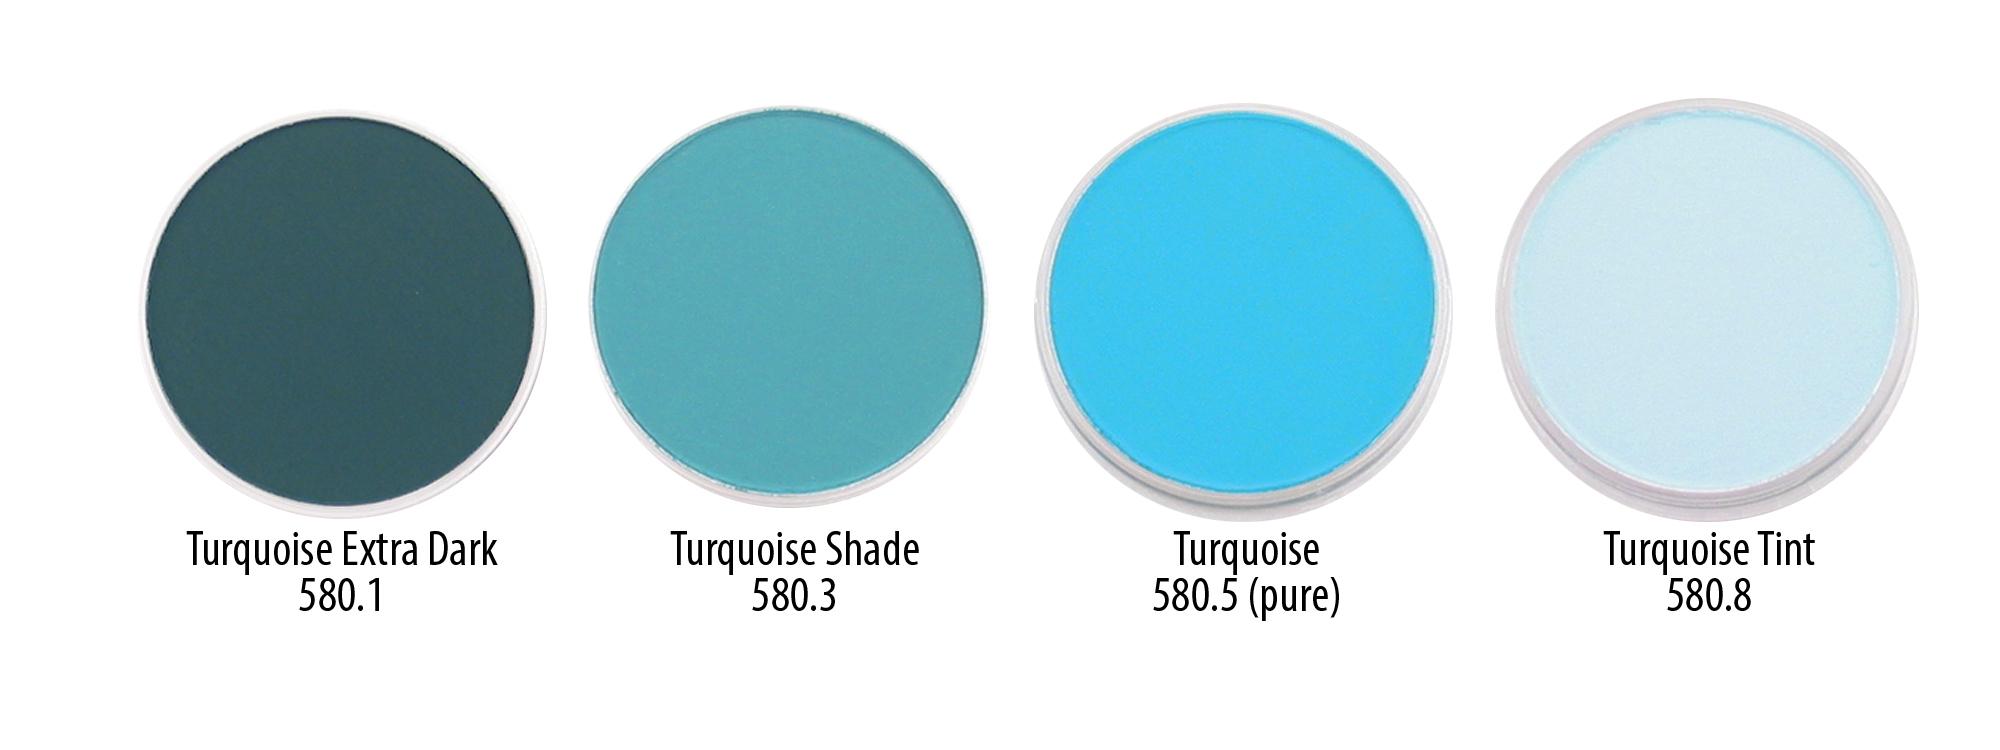 Turquoise Ex Dark to Tint